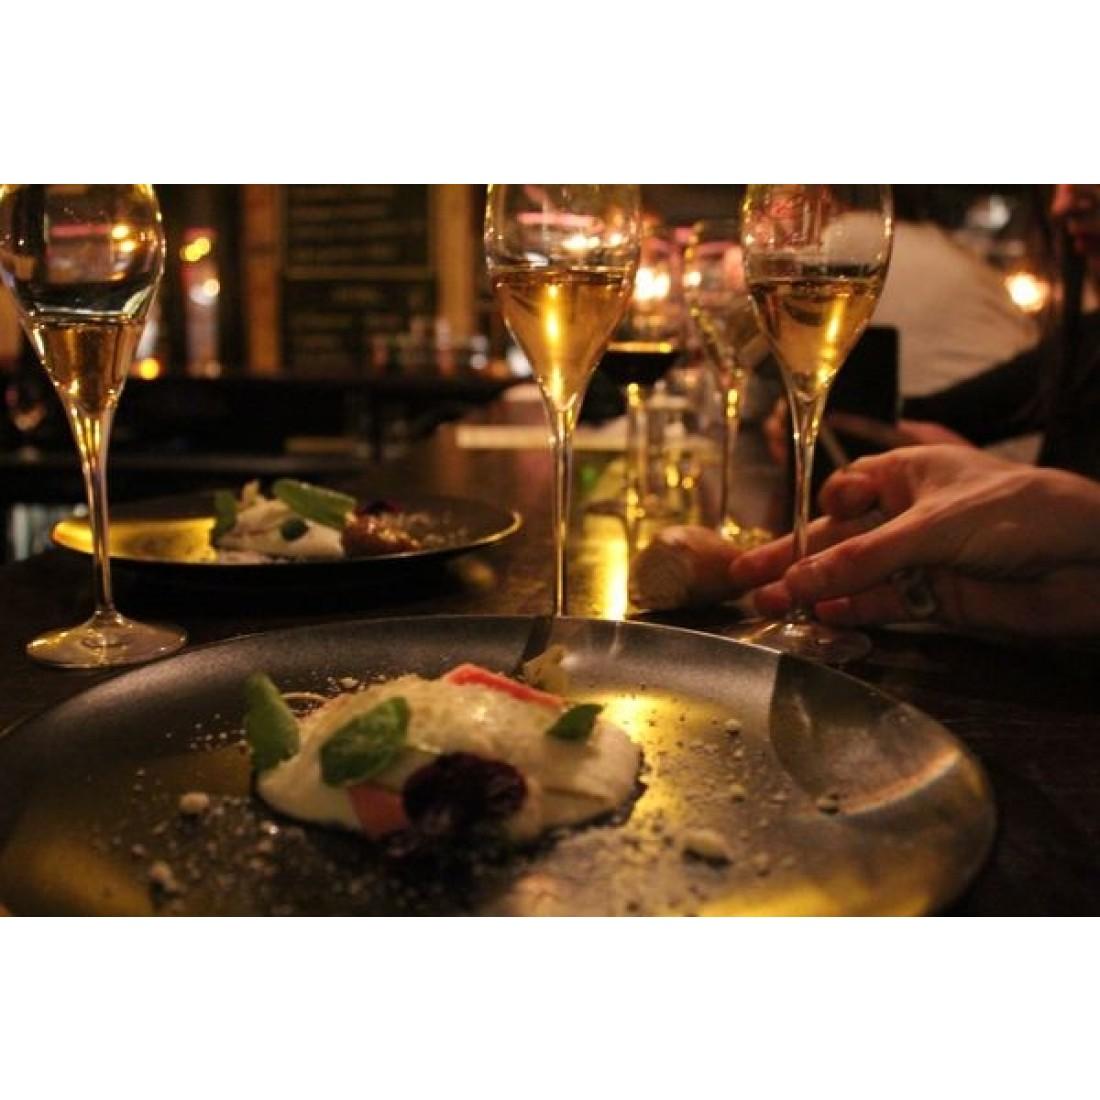 Champagnemiddag på Vesterbro Vinstue Tirsdag den 20 august kl. 18.30-31